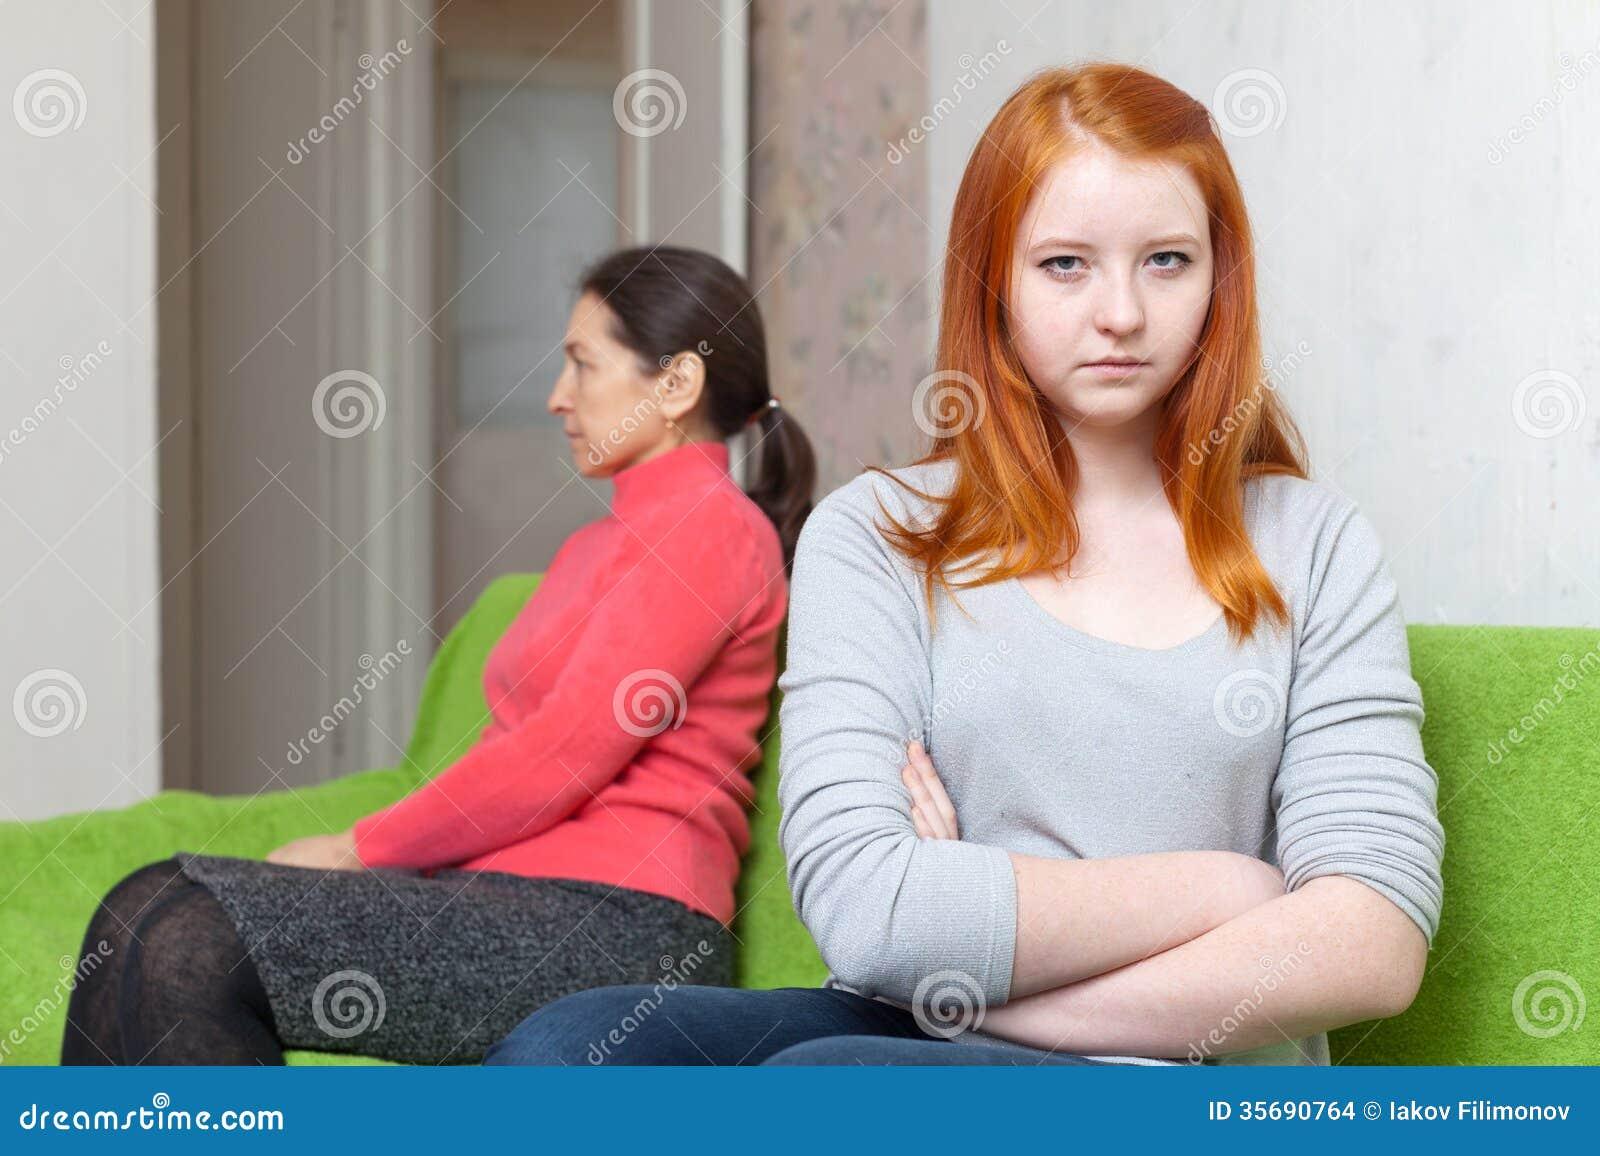 Яки да мать и дочь 1 фотография